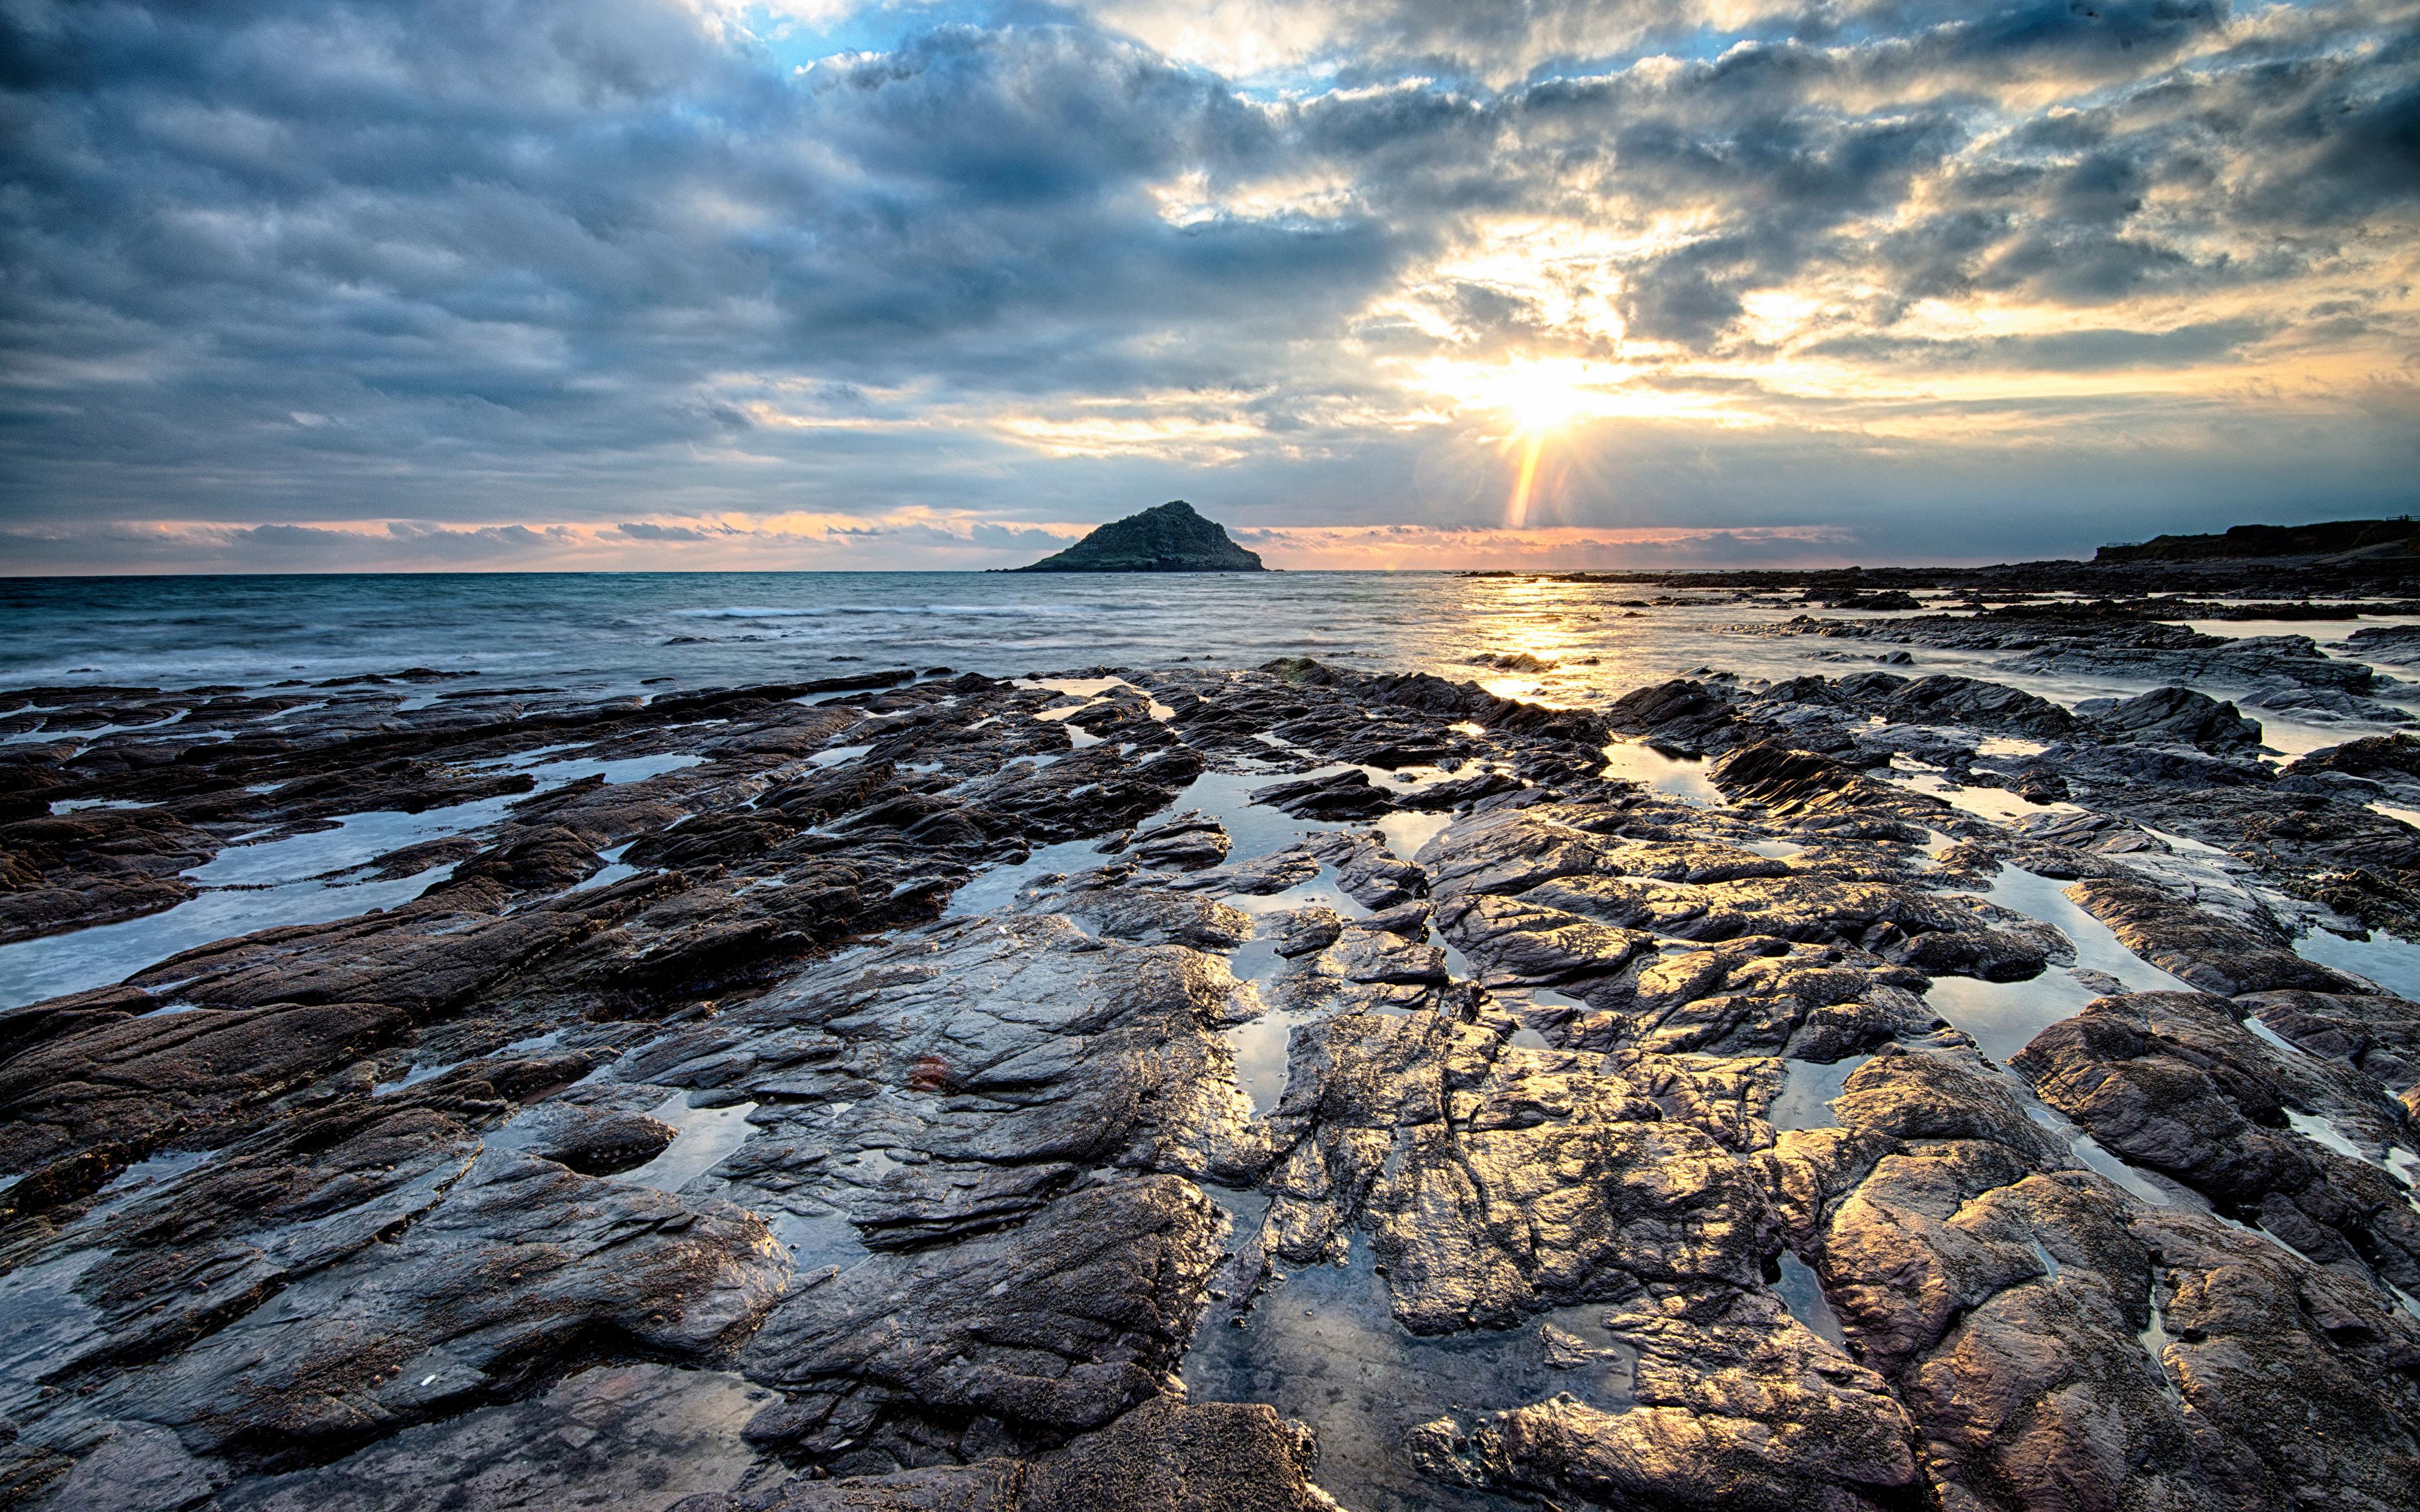 Images England Wembury Nature Morning Coast Stones Clouds 3840x2400 stone